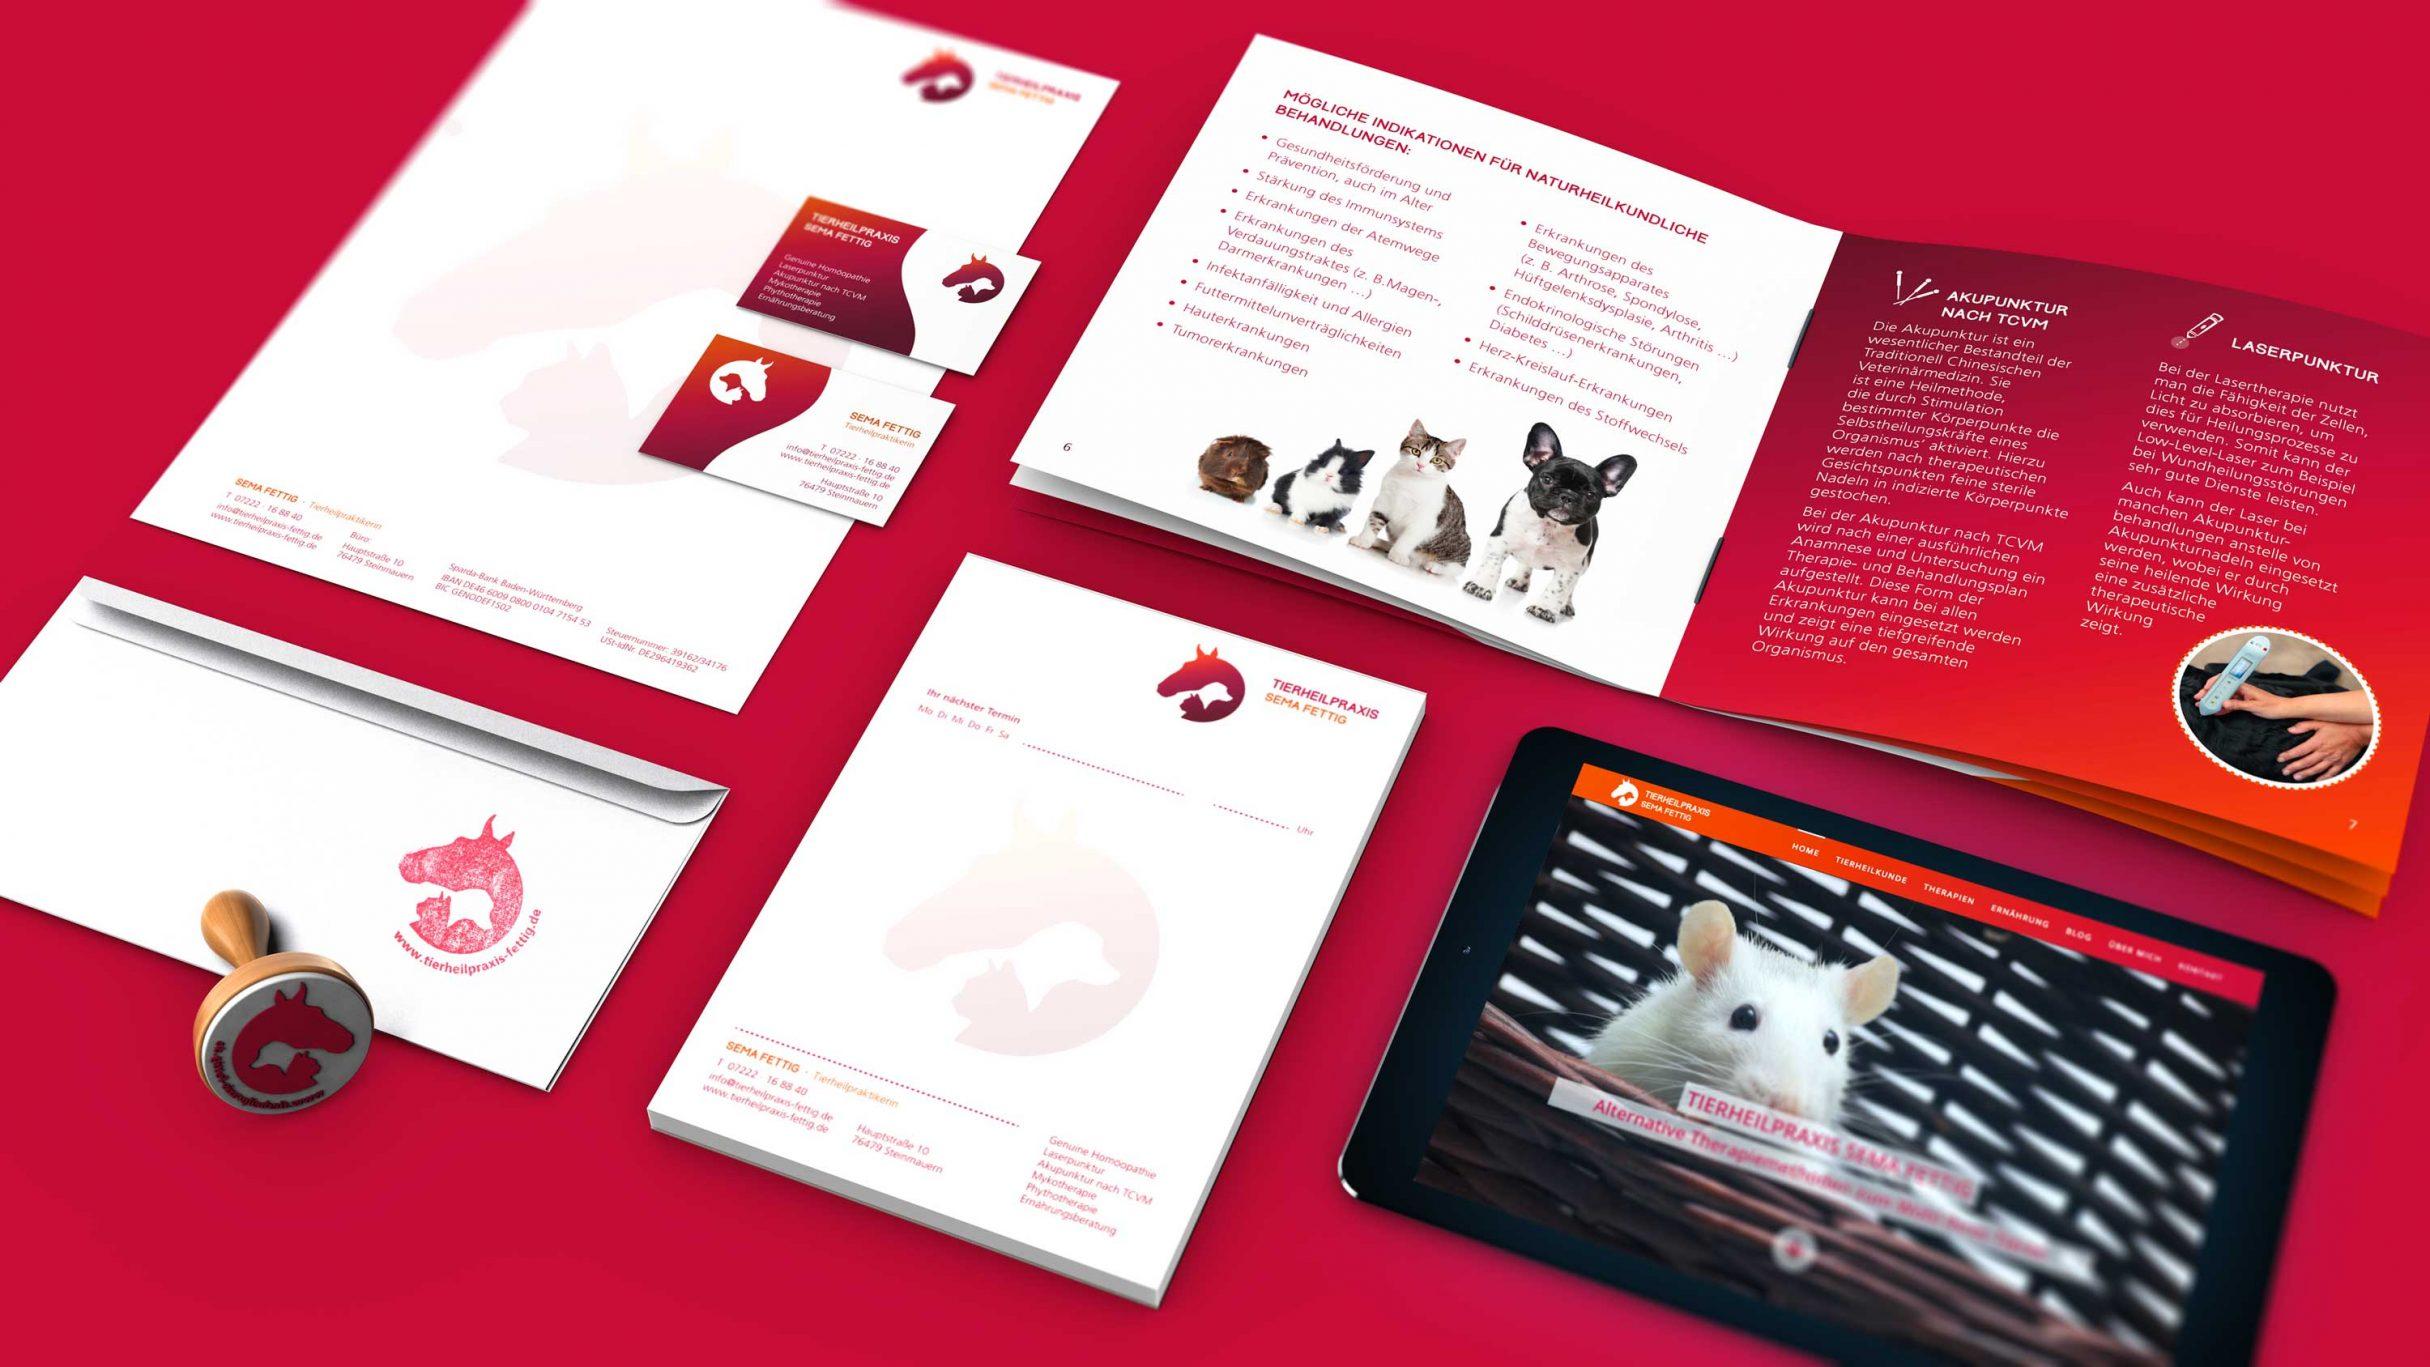 Tierheilpraxis Sema Fettig, Corporate Design, Geschäftsausstattung: DIE NEUDENKER® Agentur, Darmstadt